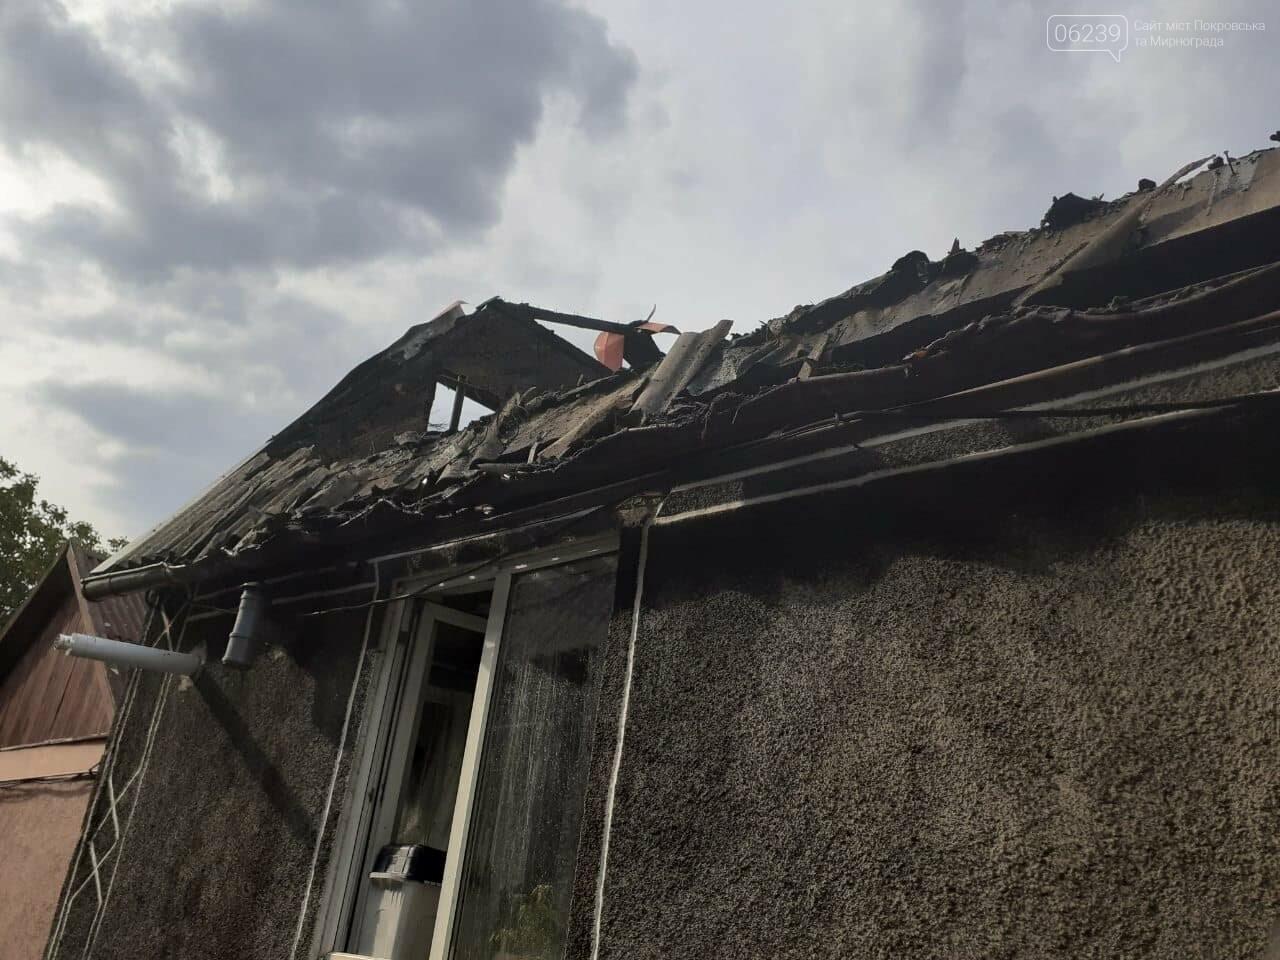 Остались без крыши над головой: в Покровске горел жилой дом (ФОТО), фото-1